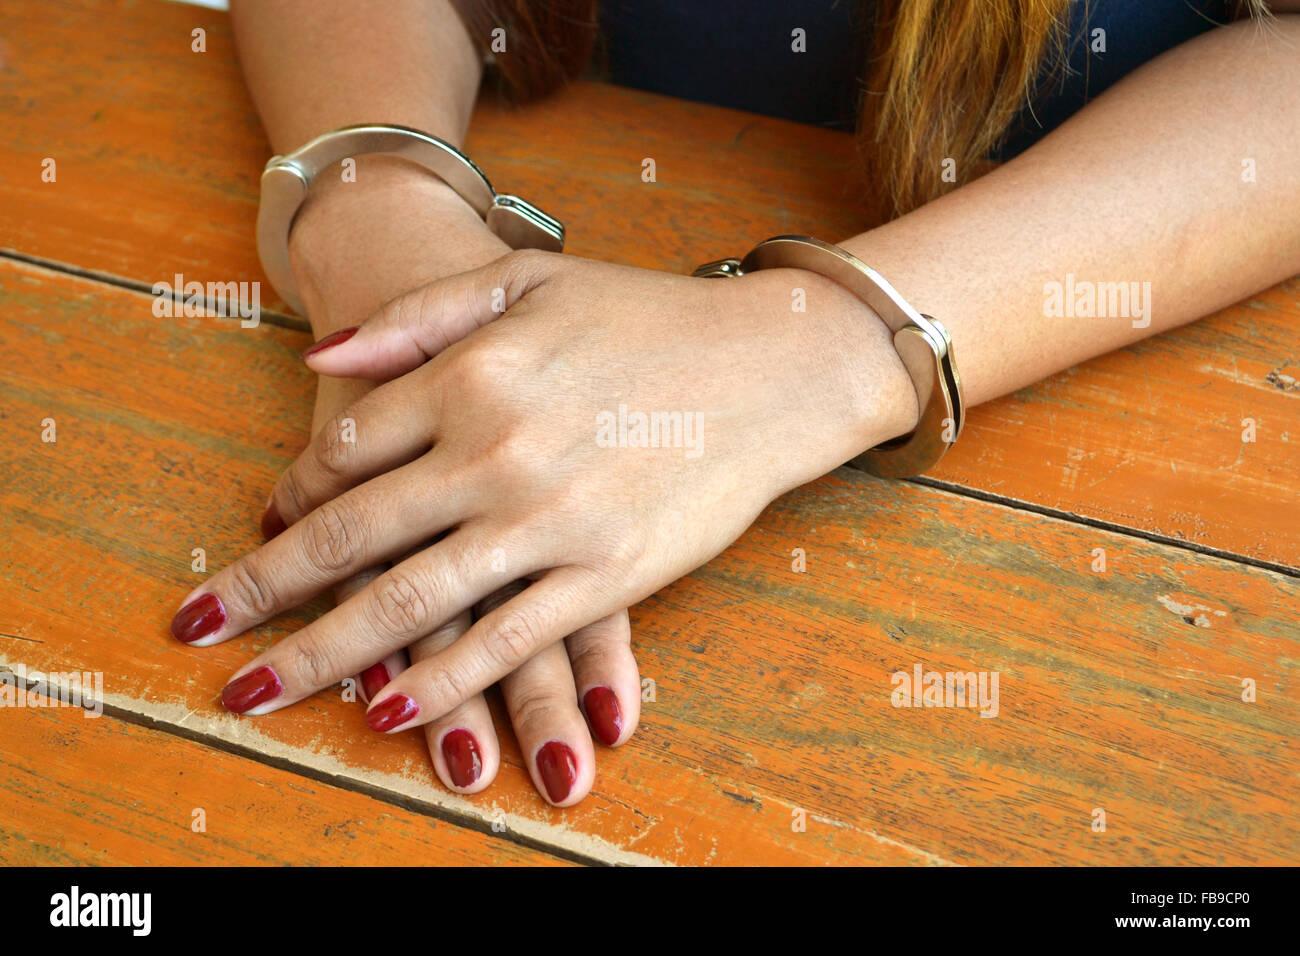 Presa siendo investigado con las manos esposadas en una tabla Foto de stock